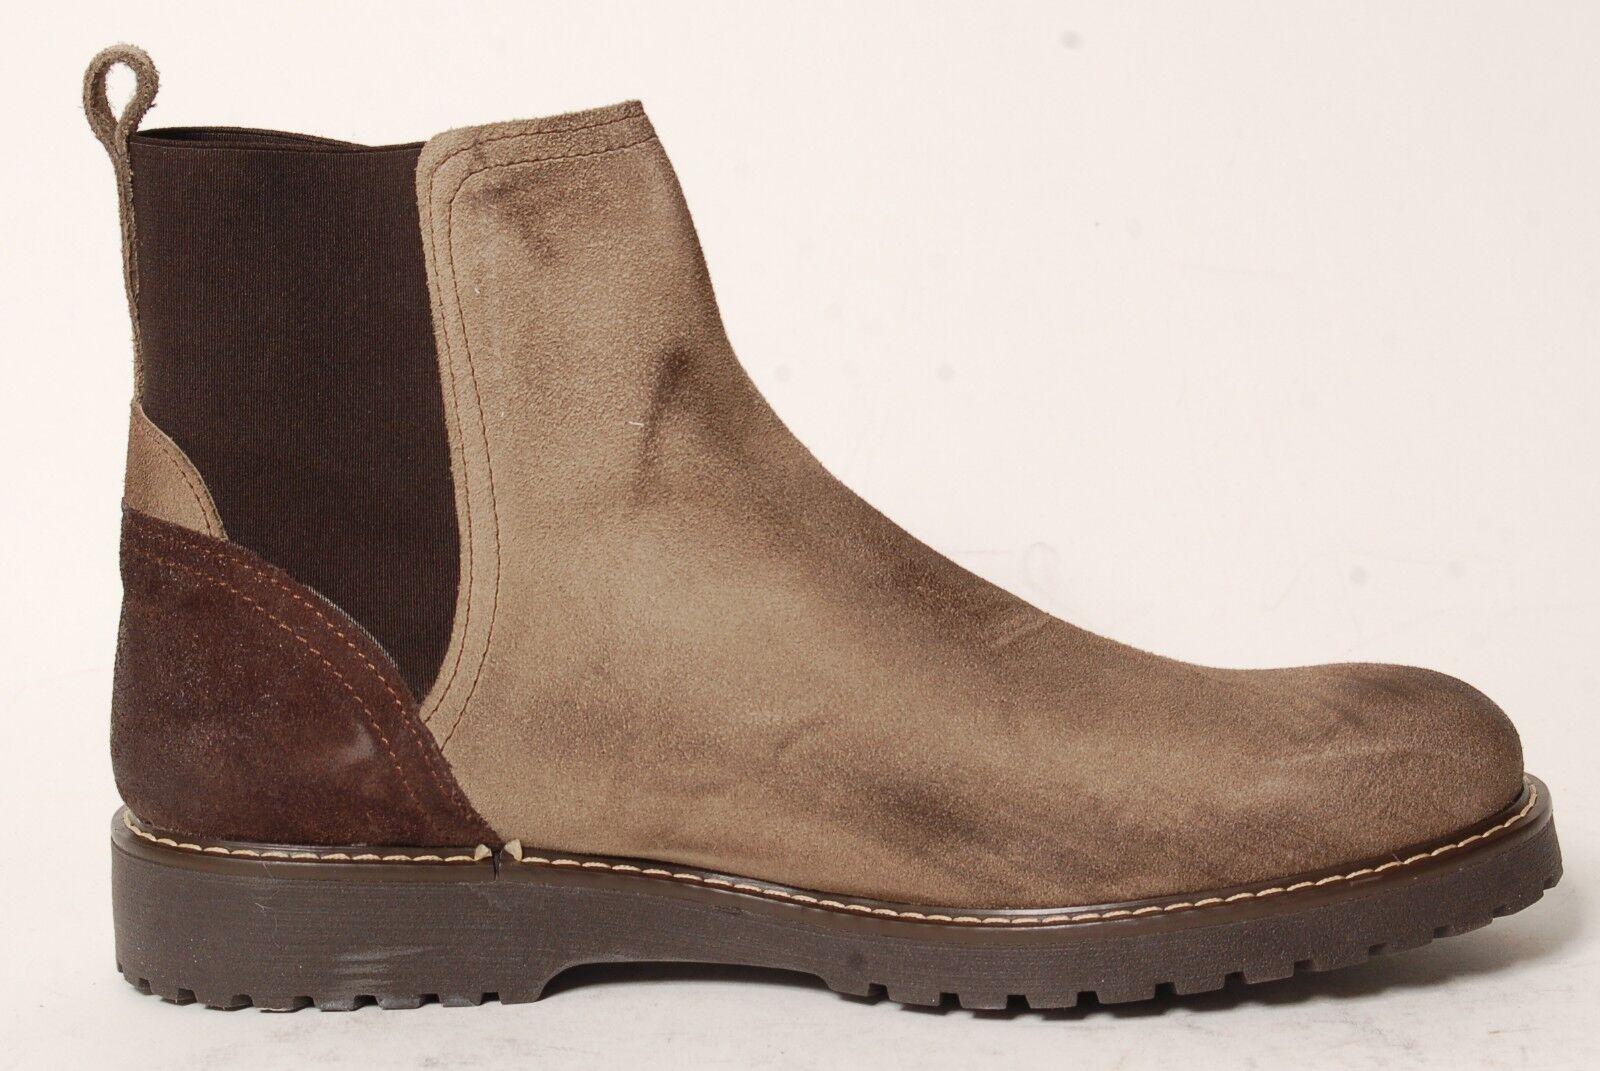 SCHUHE - ANTICA CALZOLERIA CAMPANA - Boots - Chelsea-Boots